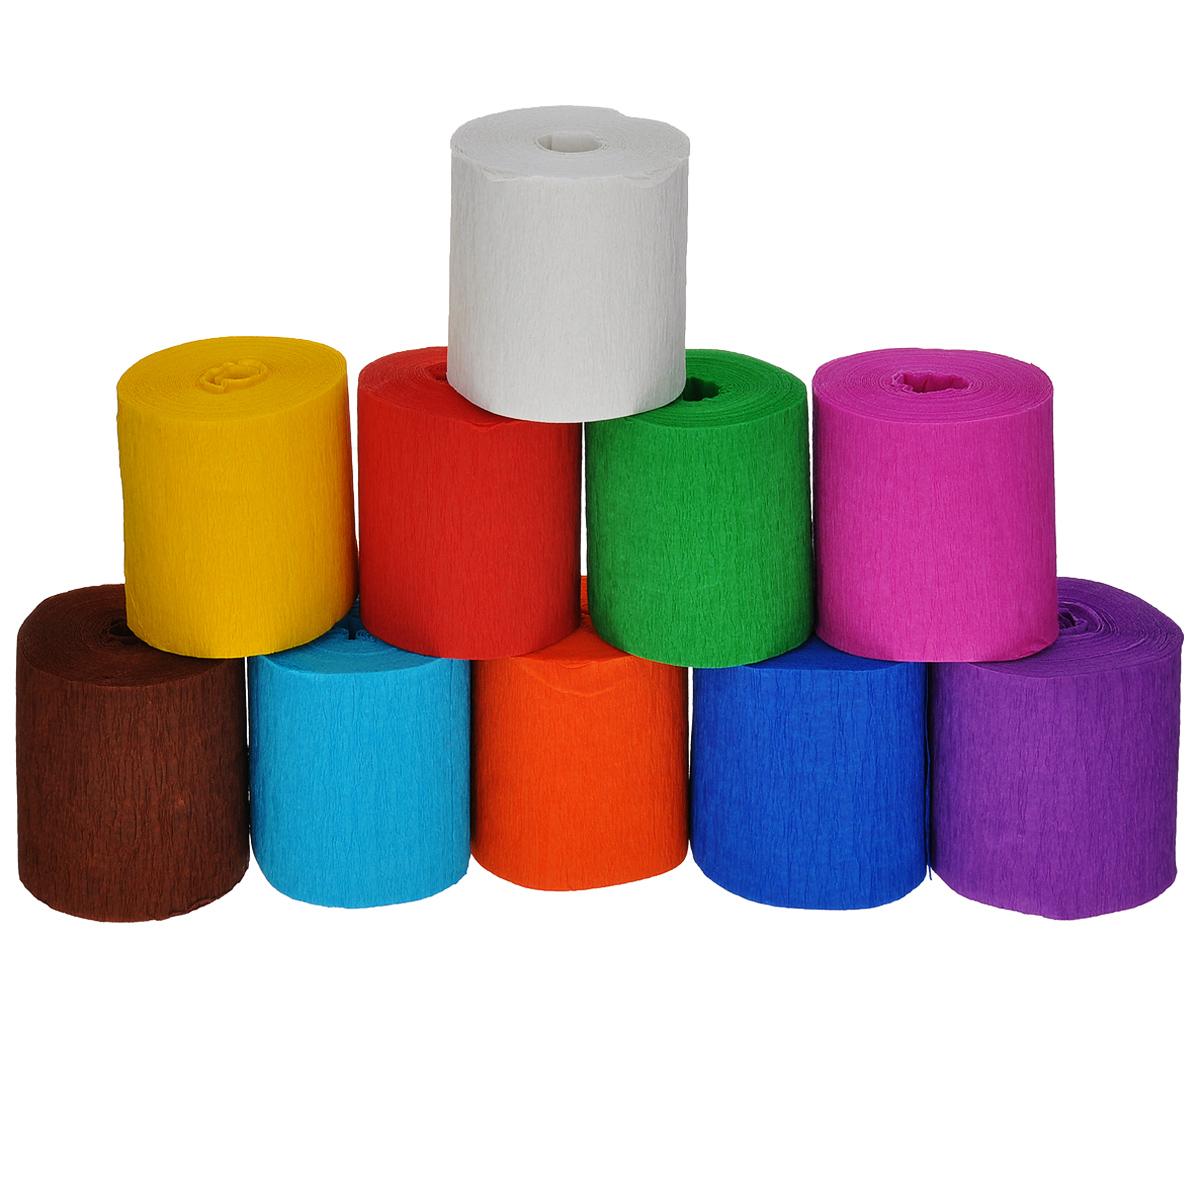 Креп-бумага Folia, 5 х 10 м, 10 рулонов7708086Креп-бумага Folia - отличный материал для изготовления искусственных цветов, оформления букетов, упаковки подарков, украшения помещений. Неводостойкая - может краситься. Крепированная или креп бумага - бумага мелкого гофрирования, она бархатистая на ощупь, значительно мягче и нежнее, чем обычная гофрированная бумага. Такая бумага является прекрасным поделочным материалом. Ширина: 5 см. Длина одного рулона: 10 м. Комплектация: 10 рулонов.